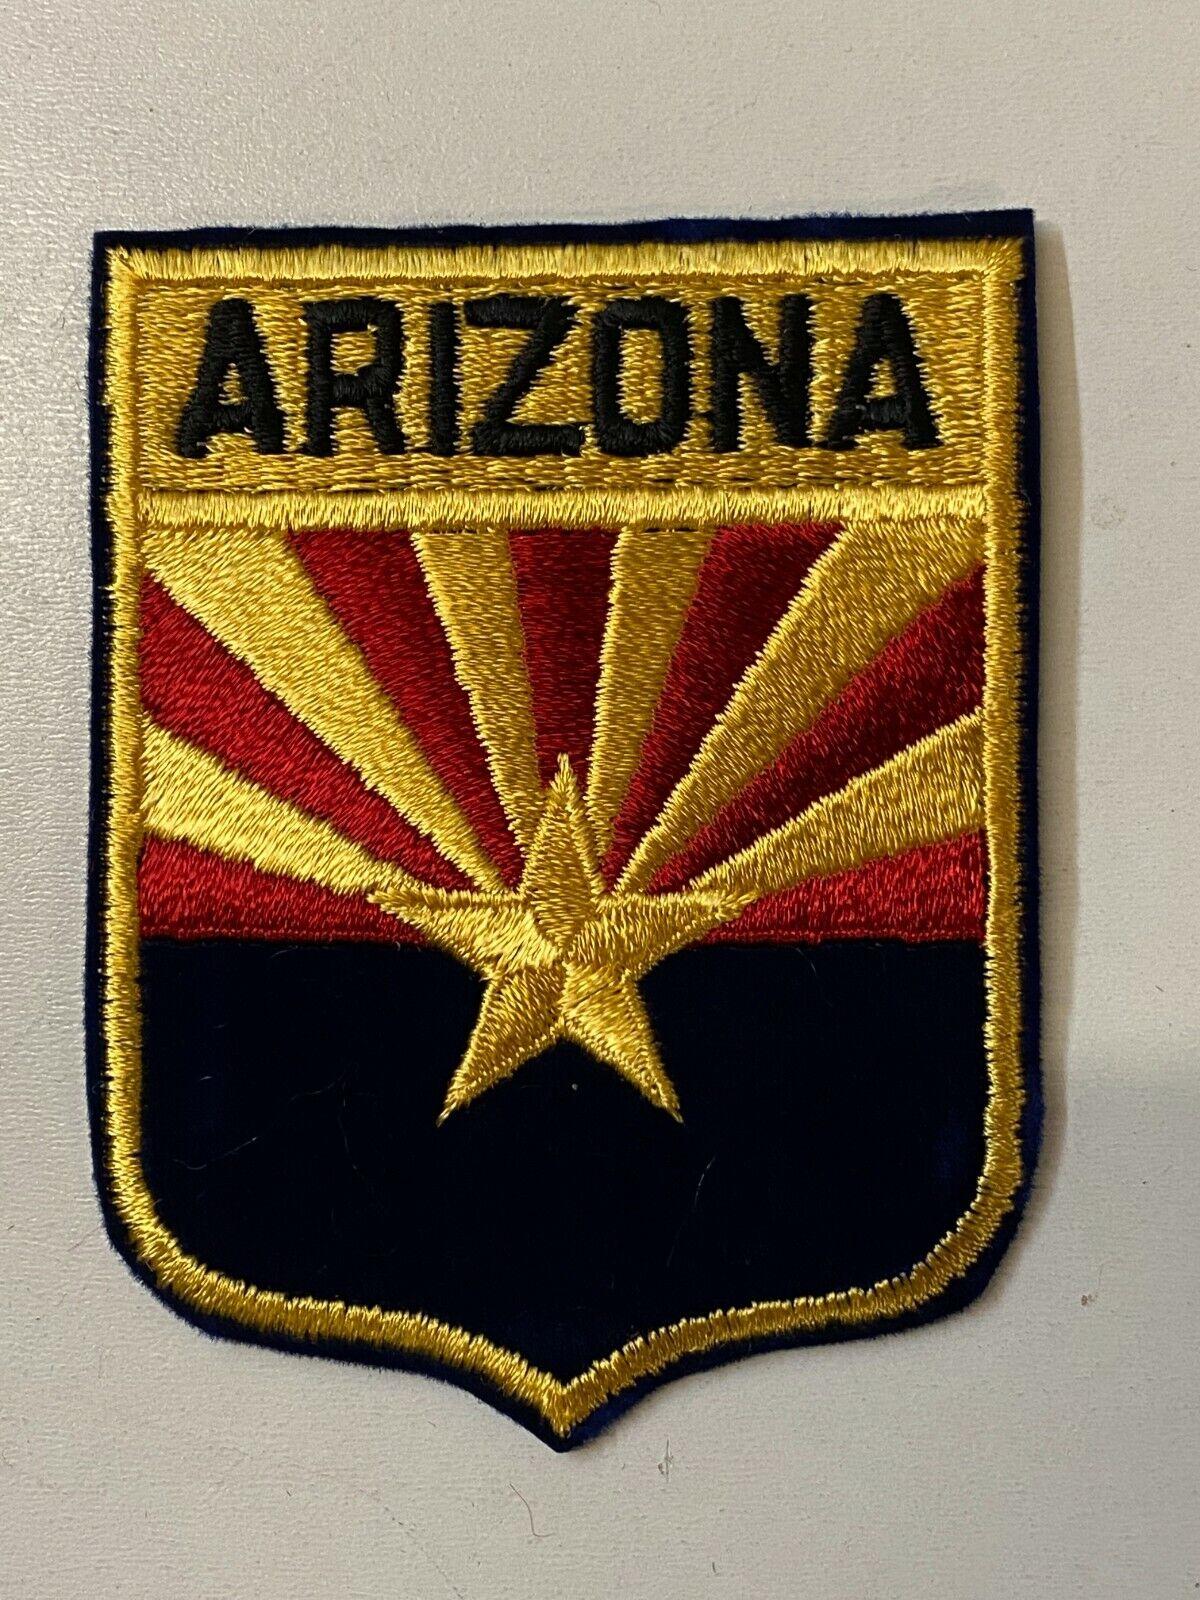 Arizona Aufnäher, USA US Bundesstaaten Aufbügler, Patch, Sticker, ca 9,5x7,5 cm